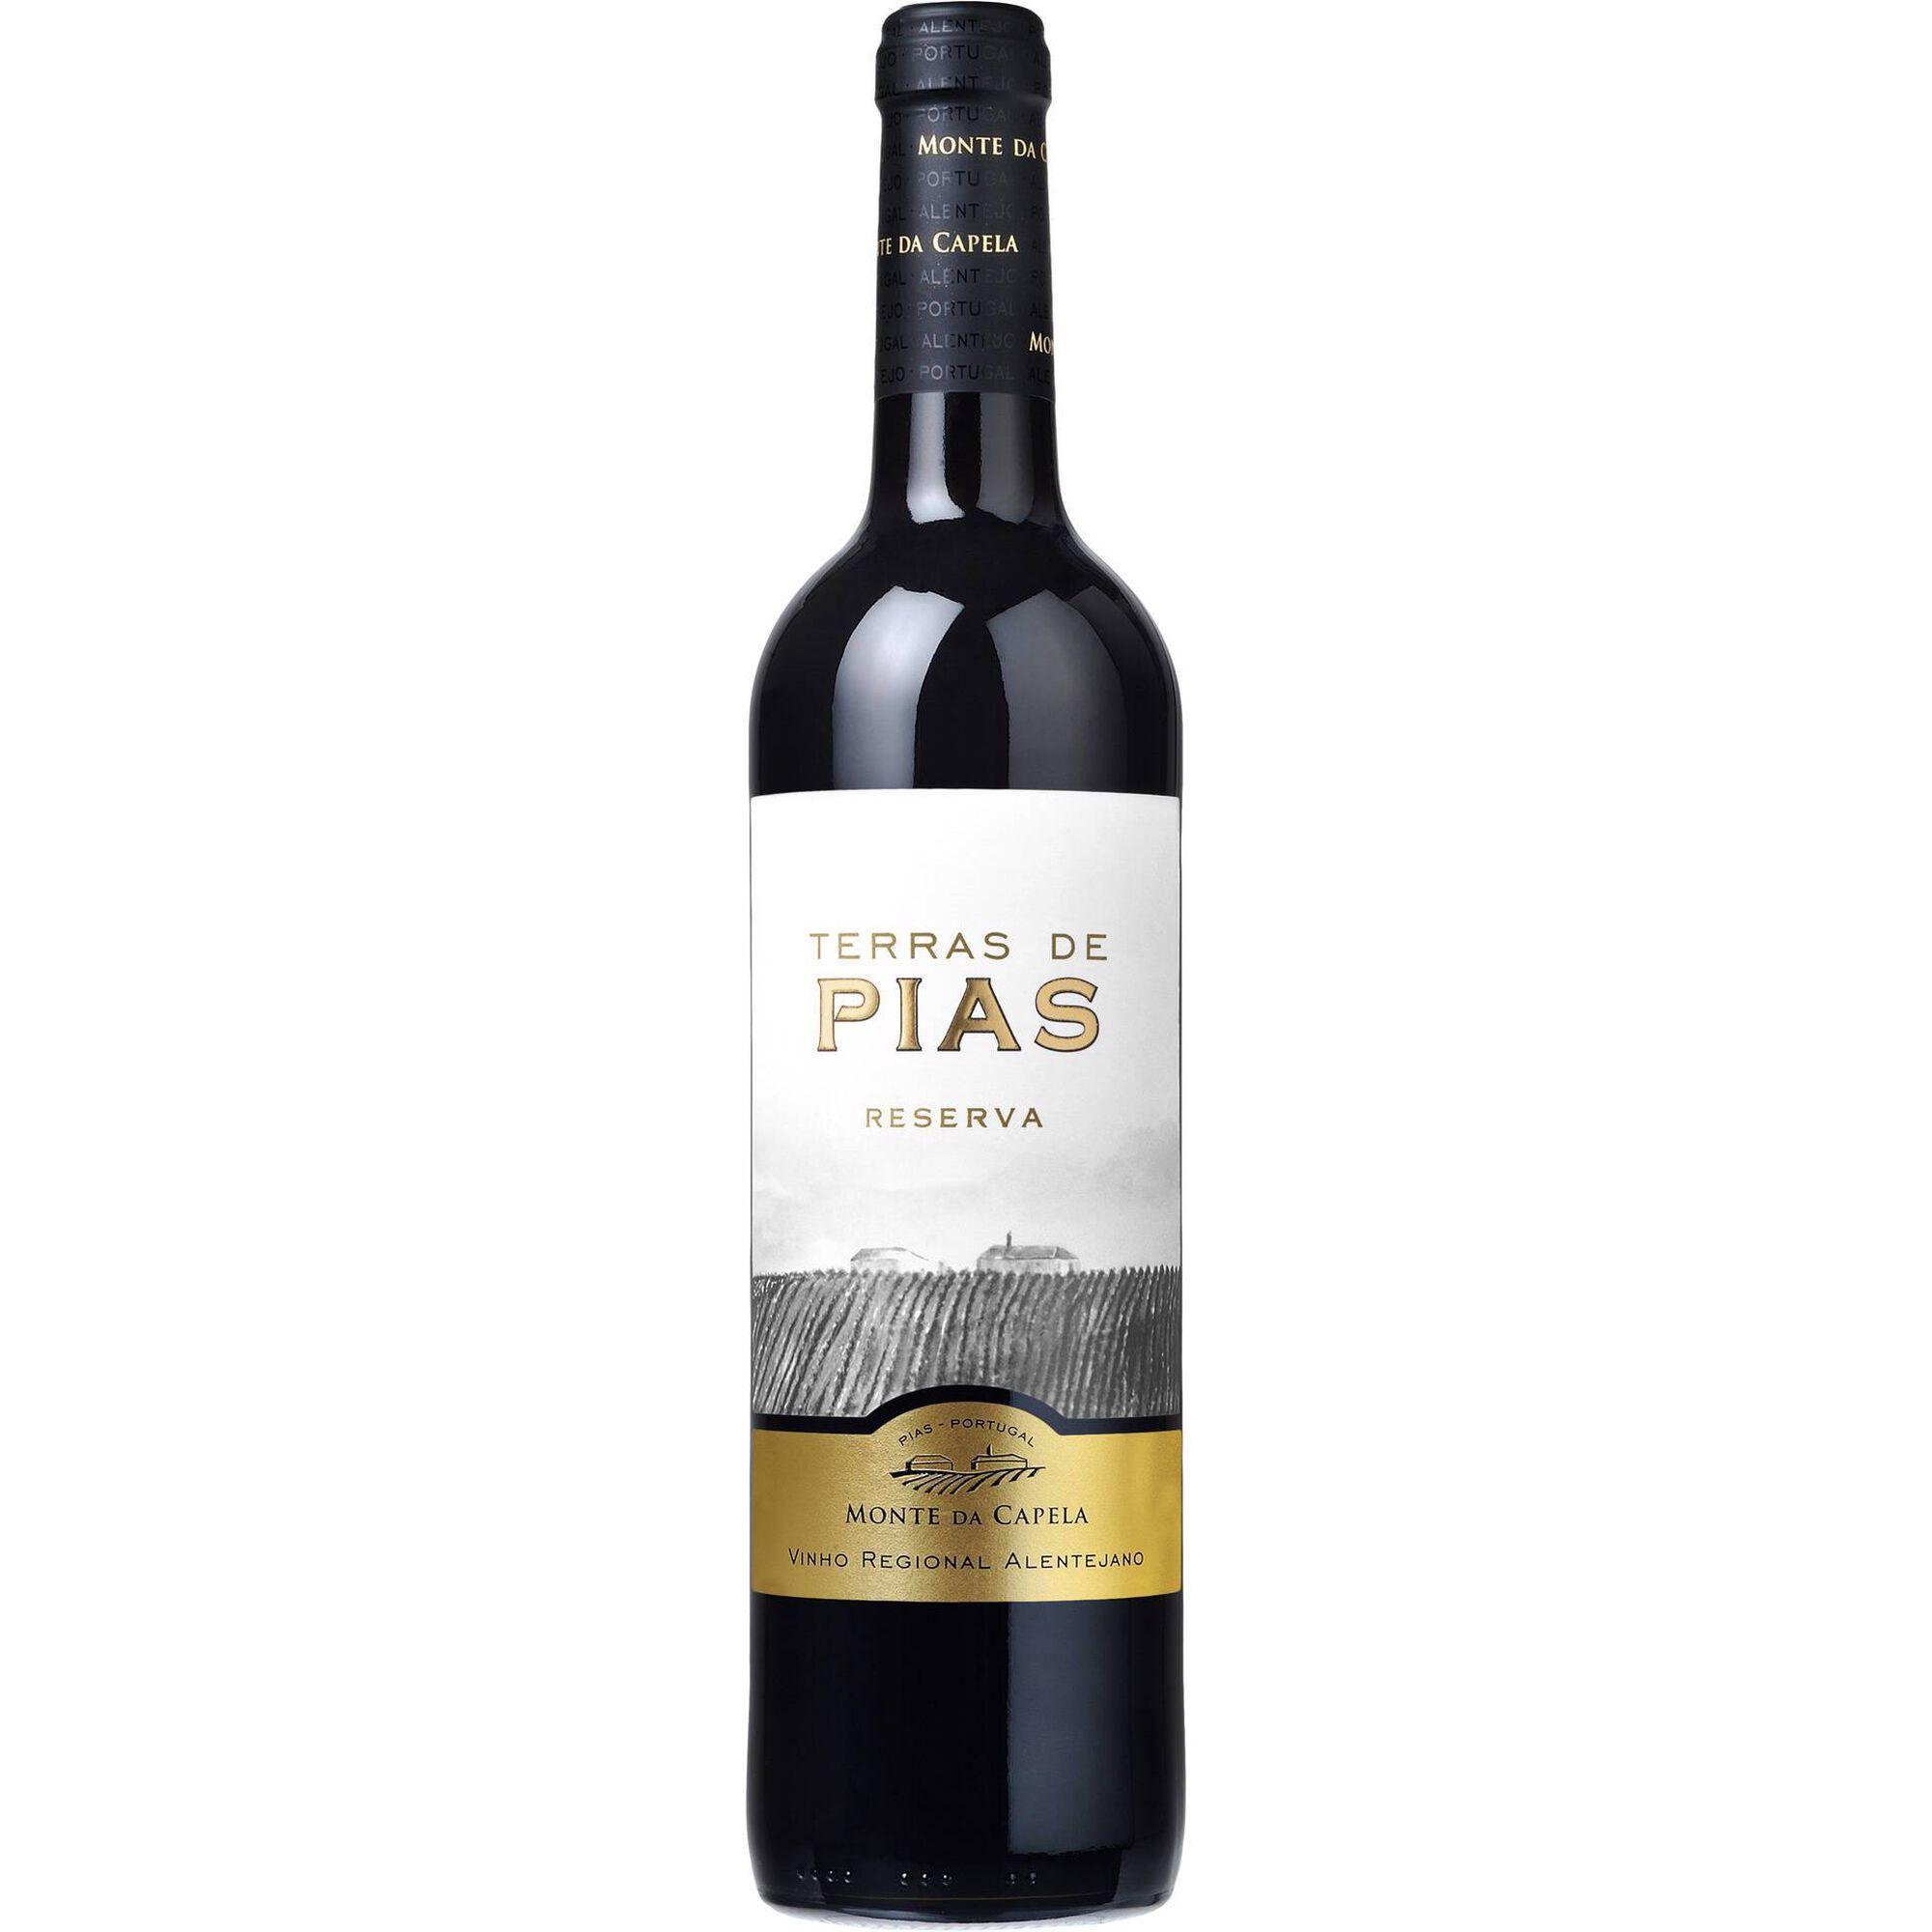 Terras de Pias Reserva Regional Alentejano Vinho Tinto